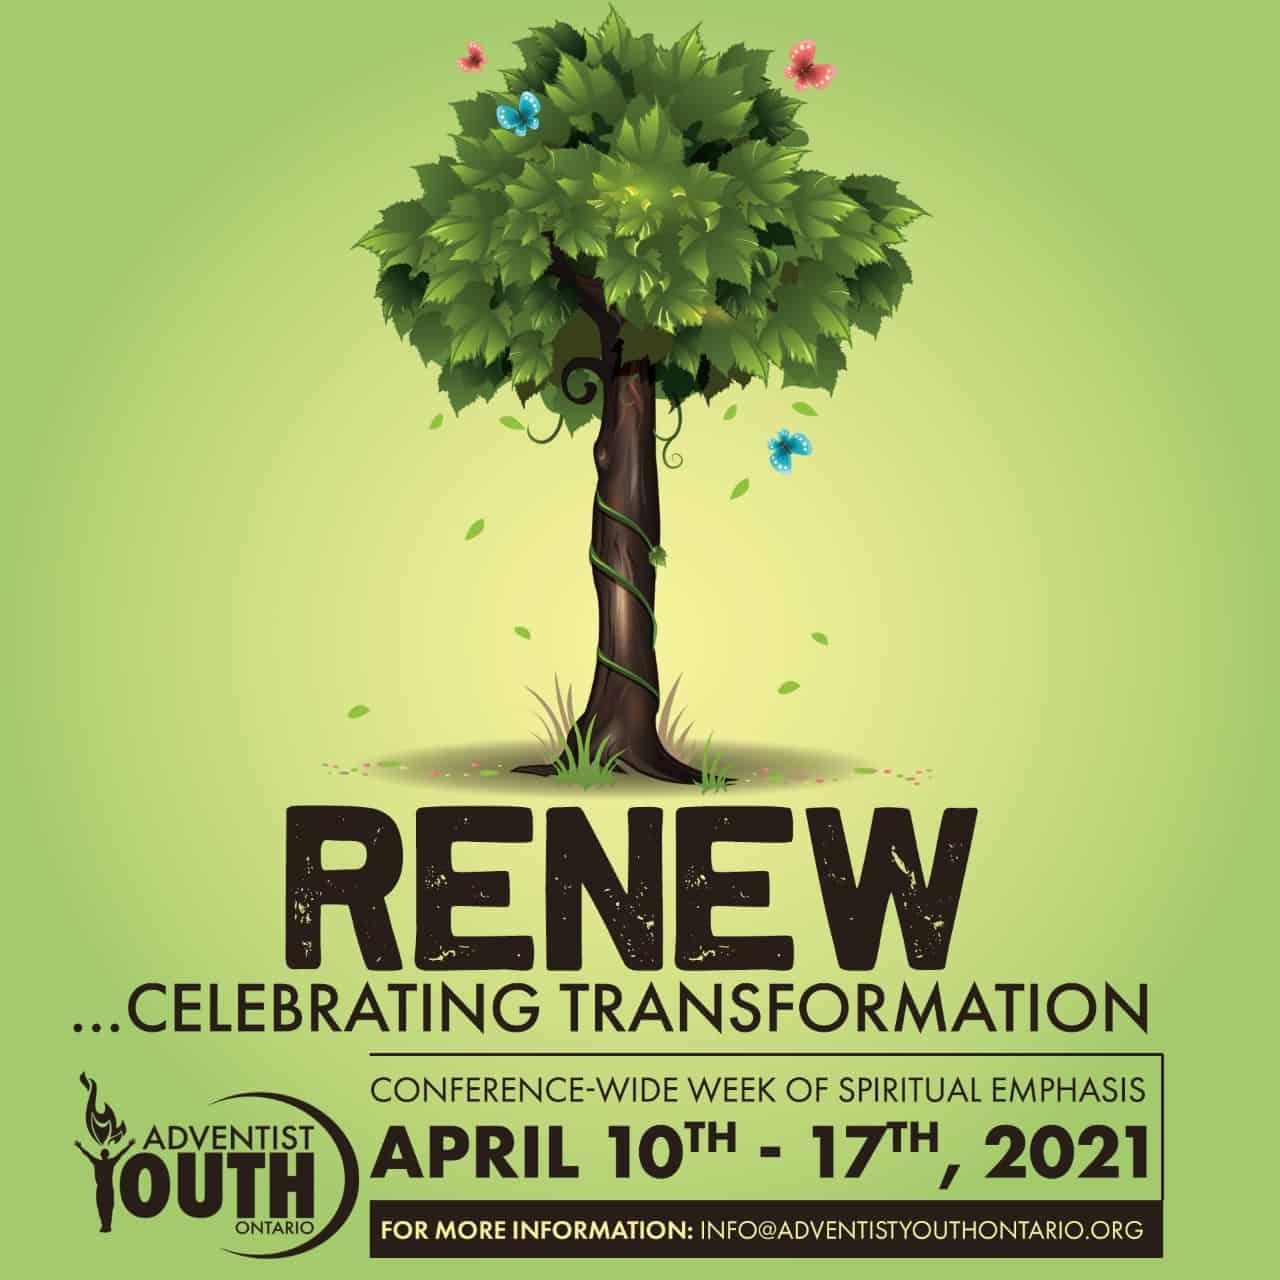 Youth Week of Spiritual Emphasis 2021